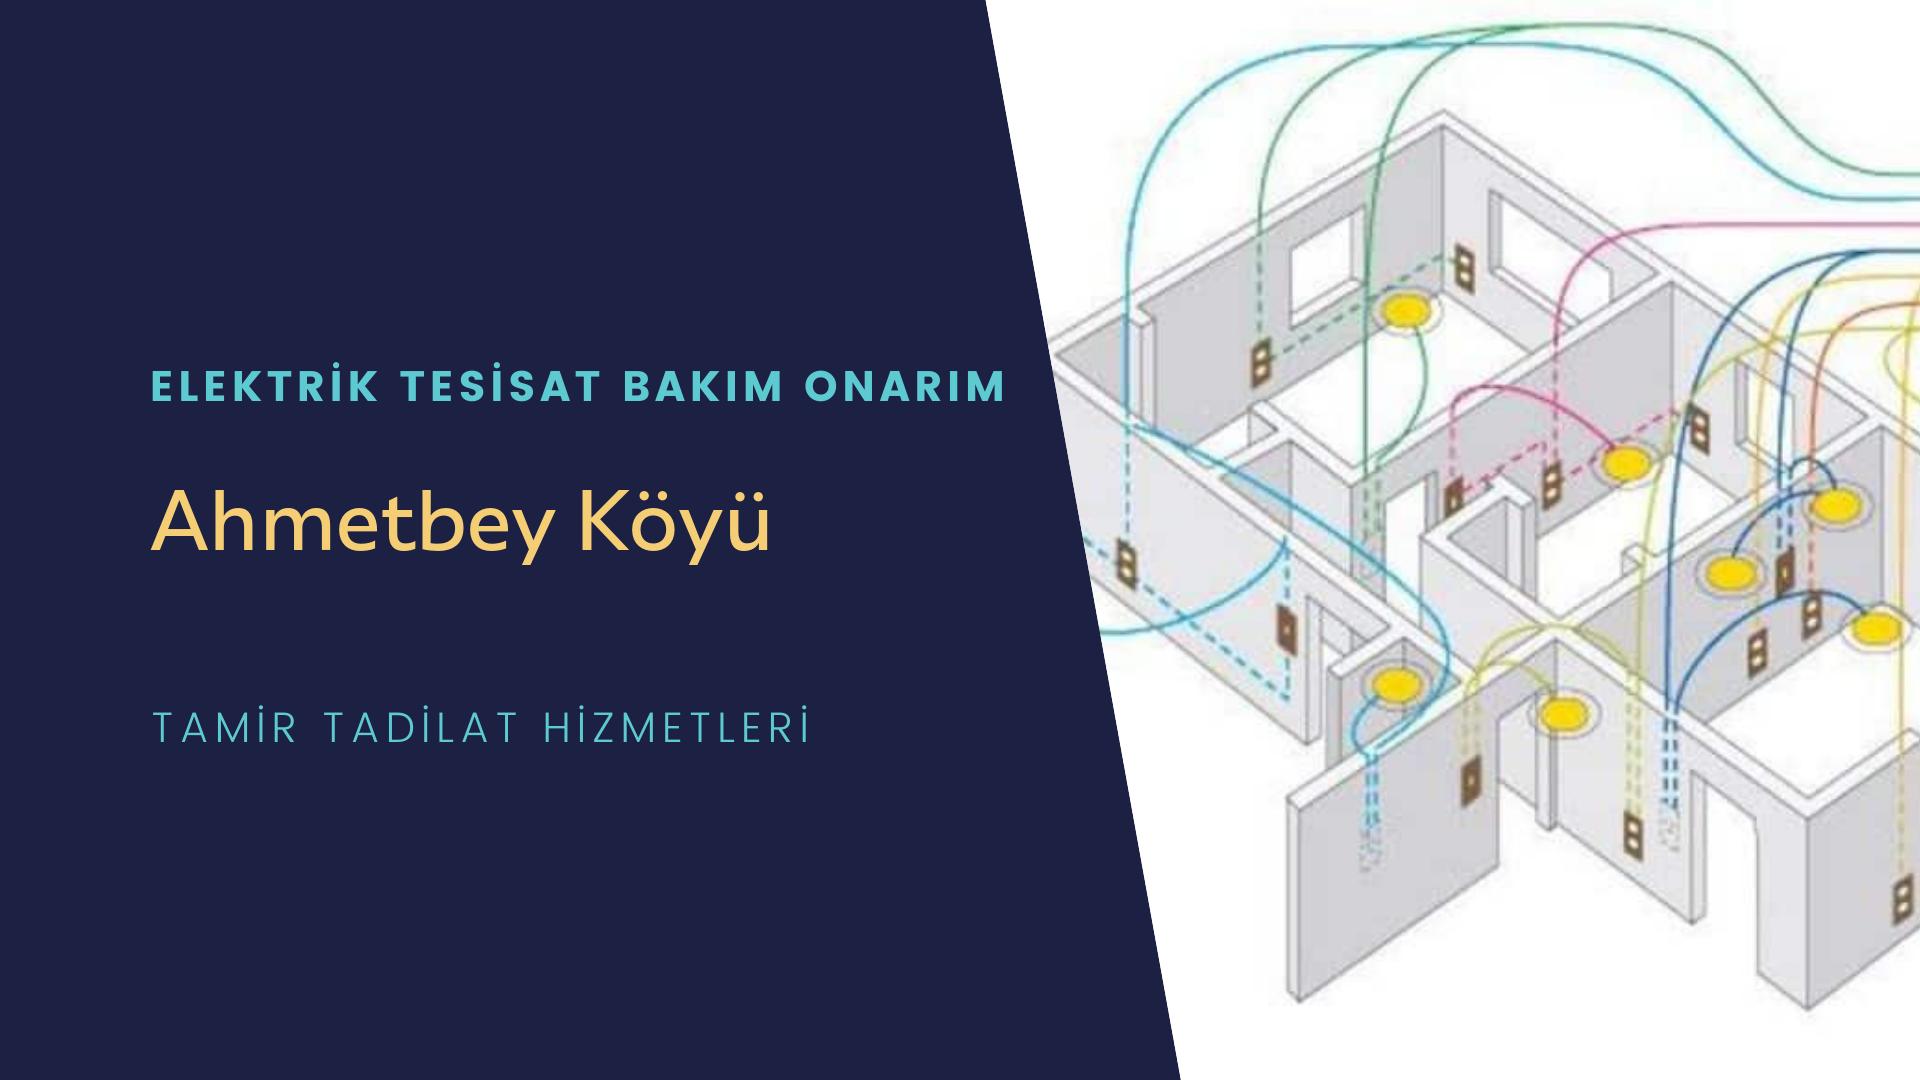 Ahmetbey Köyü  elektrik tesisatıustalarımı arıyorsunuz doğru adrestenizi Ahmetbey Köyü elektrik tesisatı ustalarımız 7/24 sizlere hizmet vermekten mutluluk duyar.